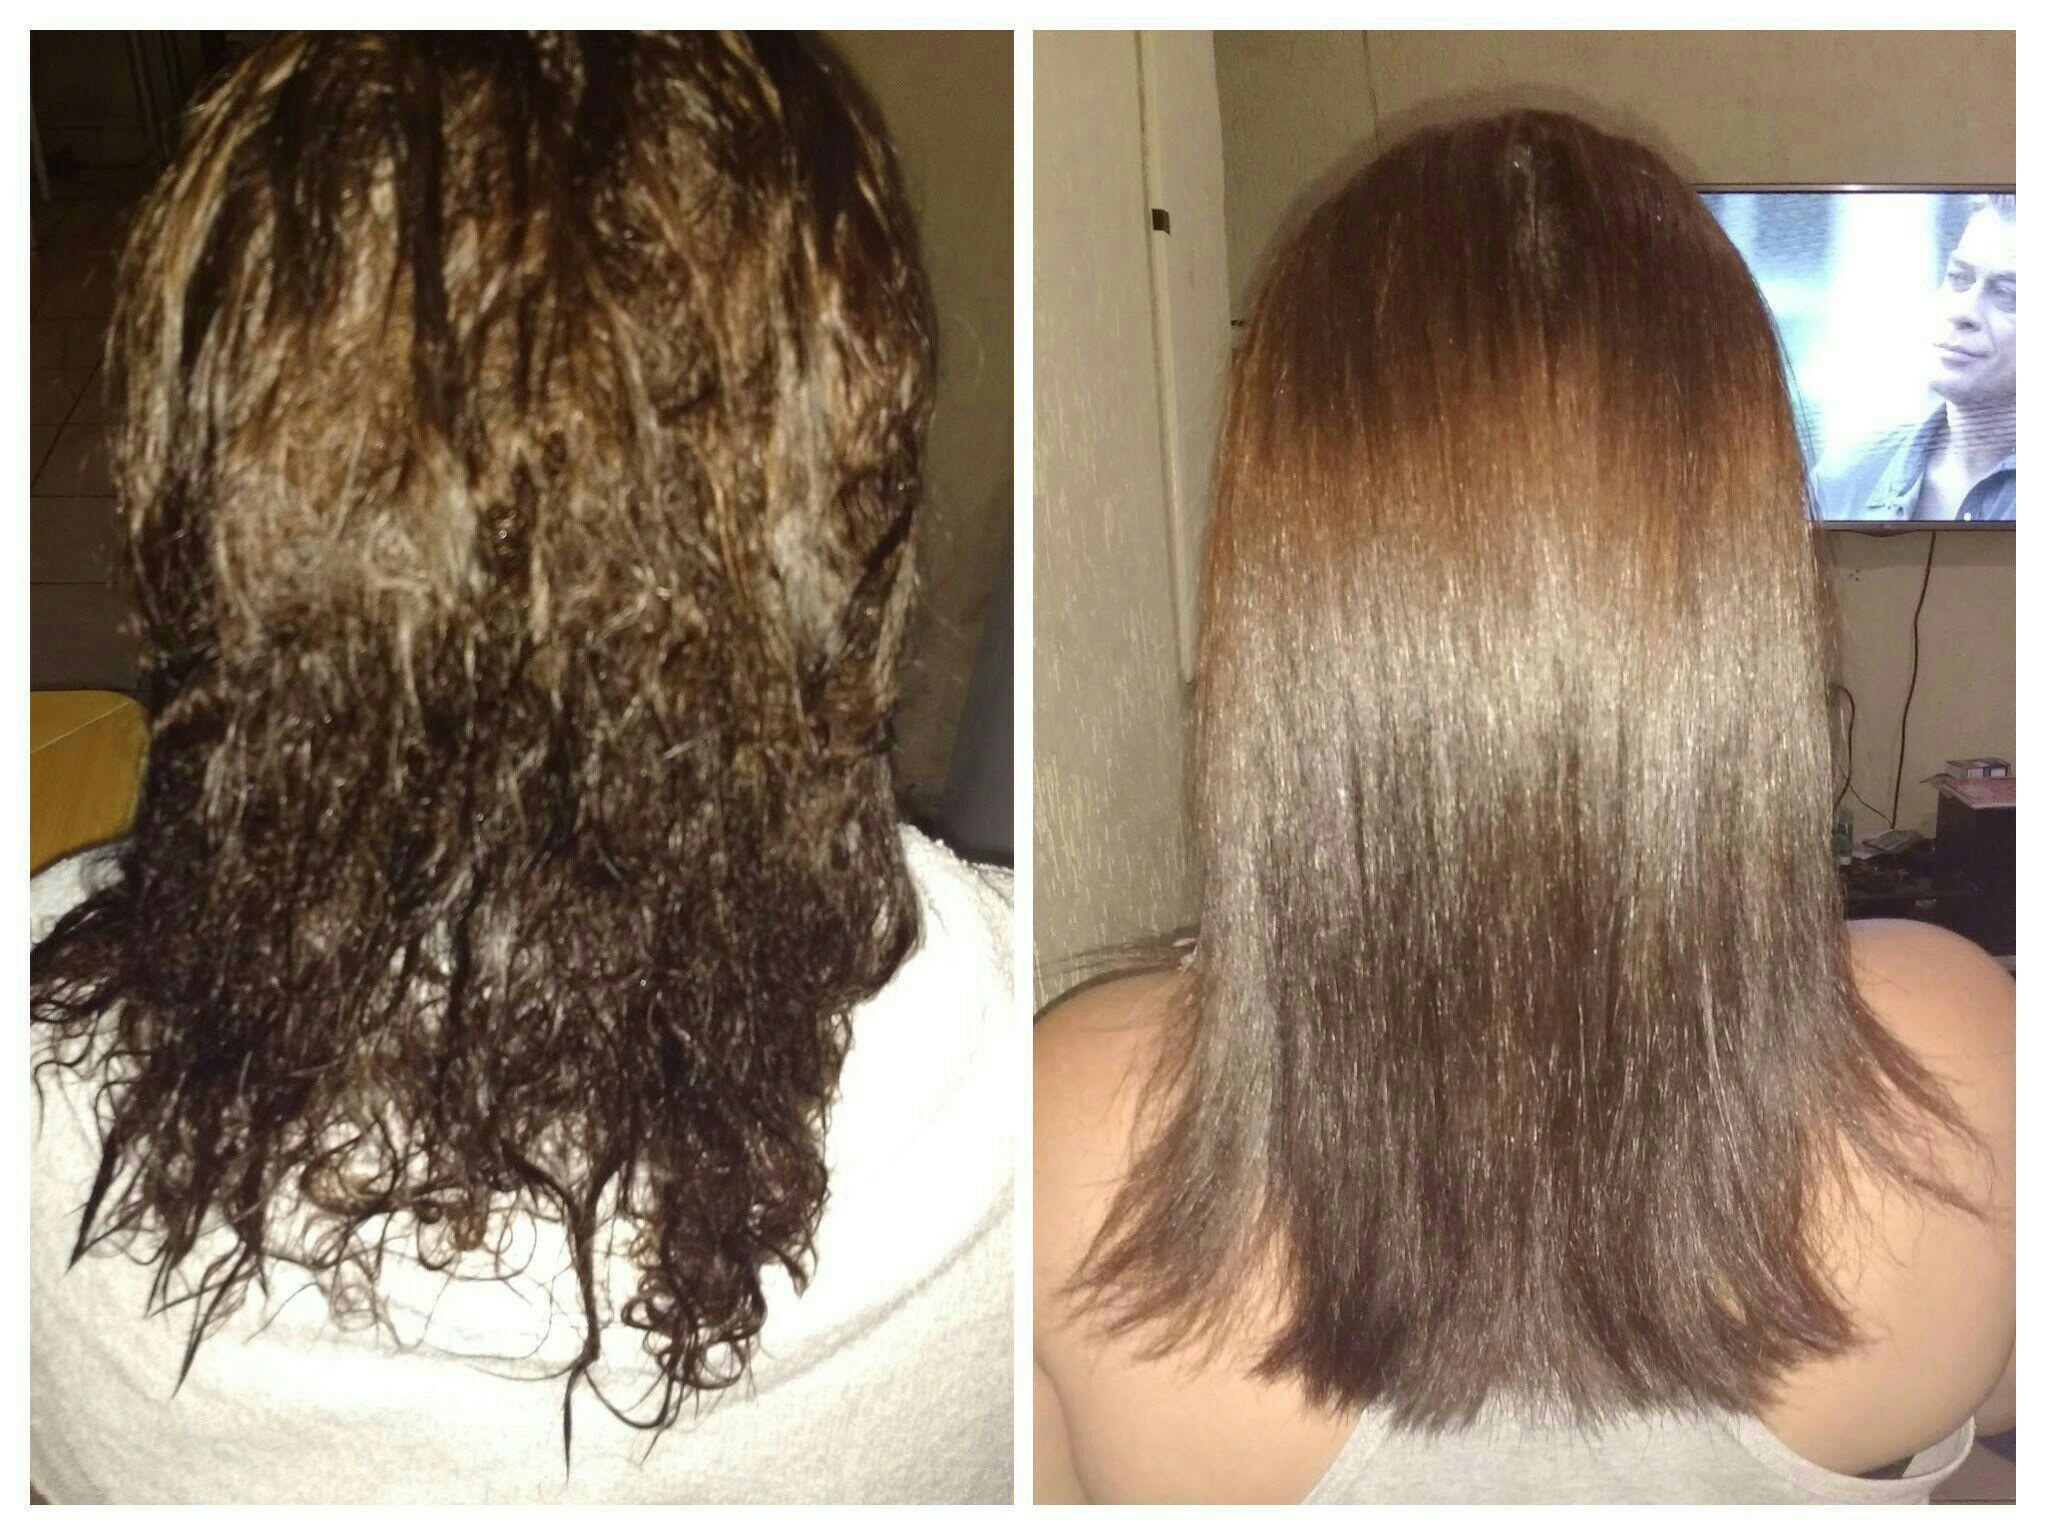 Hidratação Agilise HP cabelo cabeleireiro(a) auxiliar cabeleireiro(a) barbeiro(a)